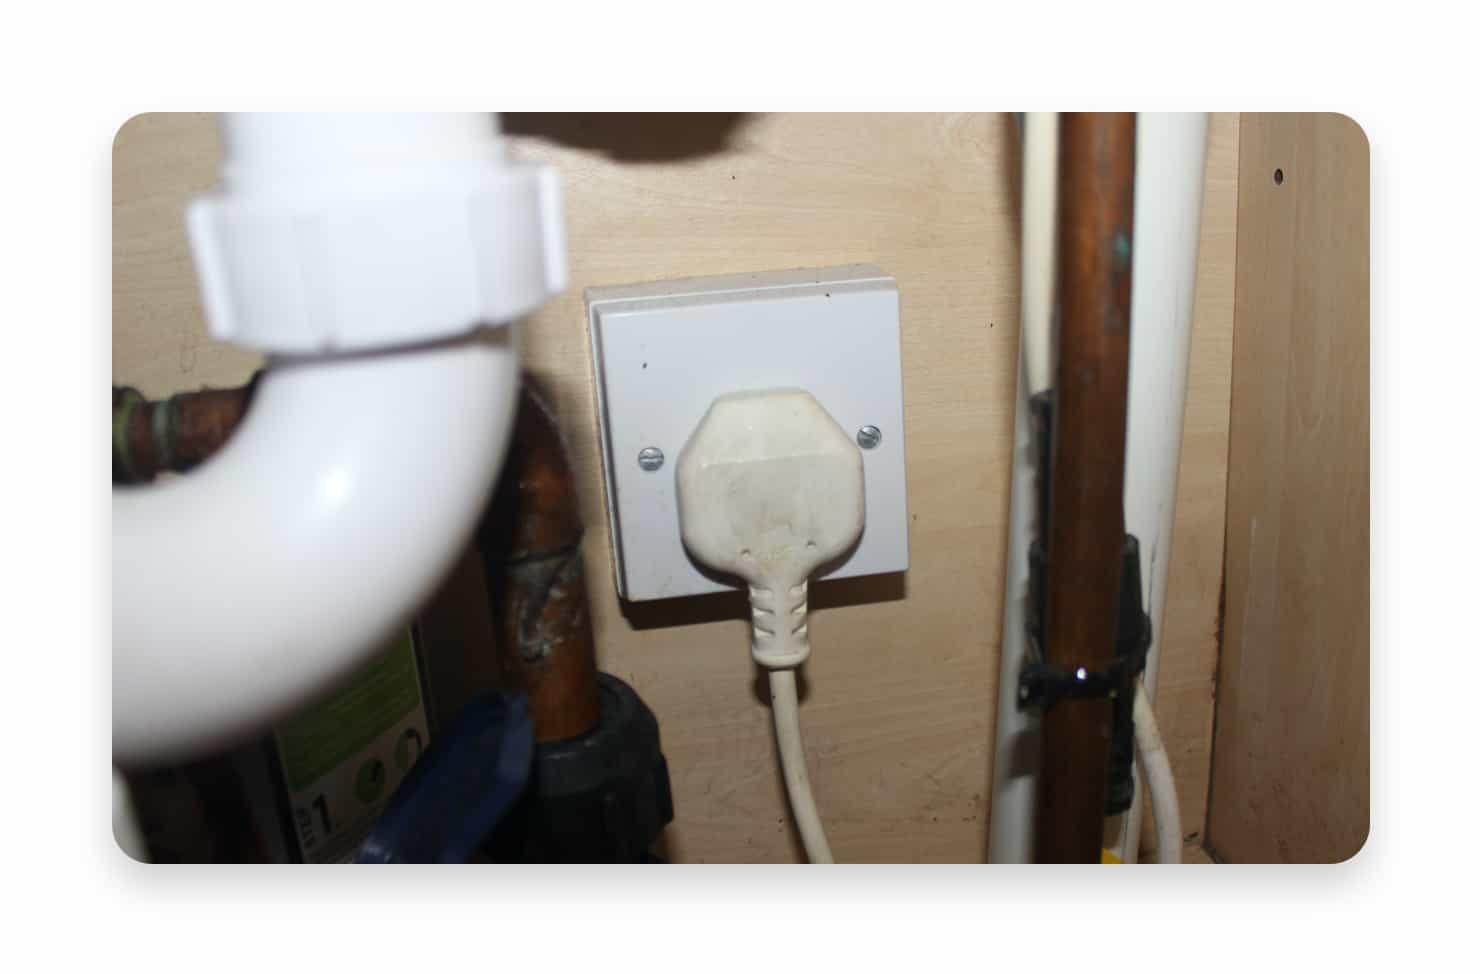 plug in a socket